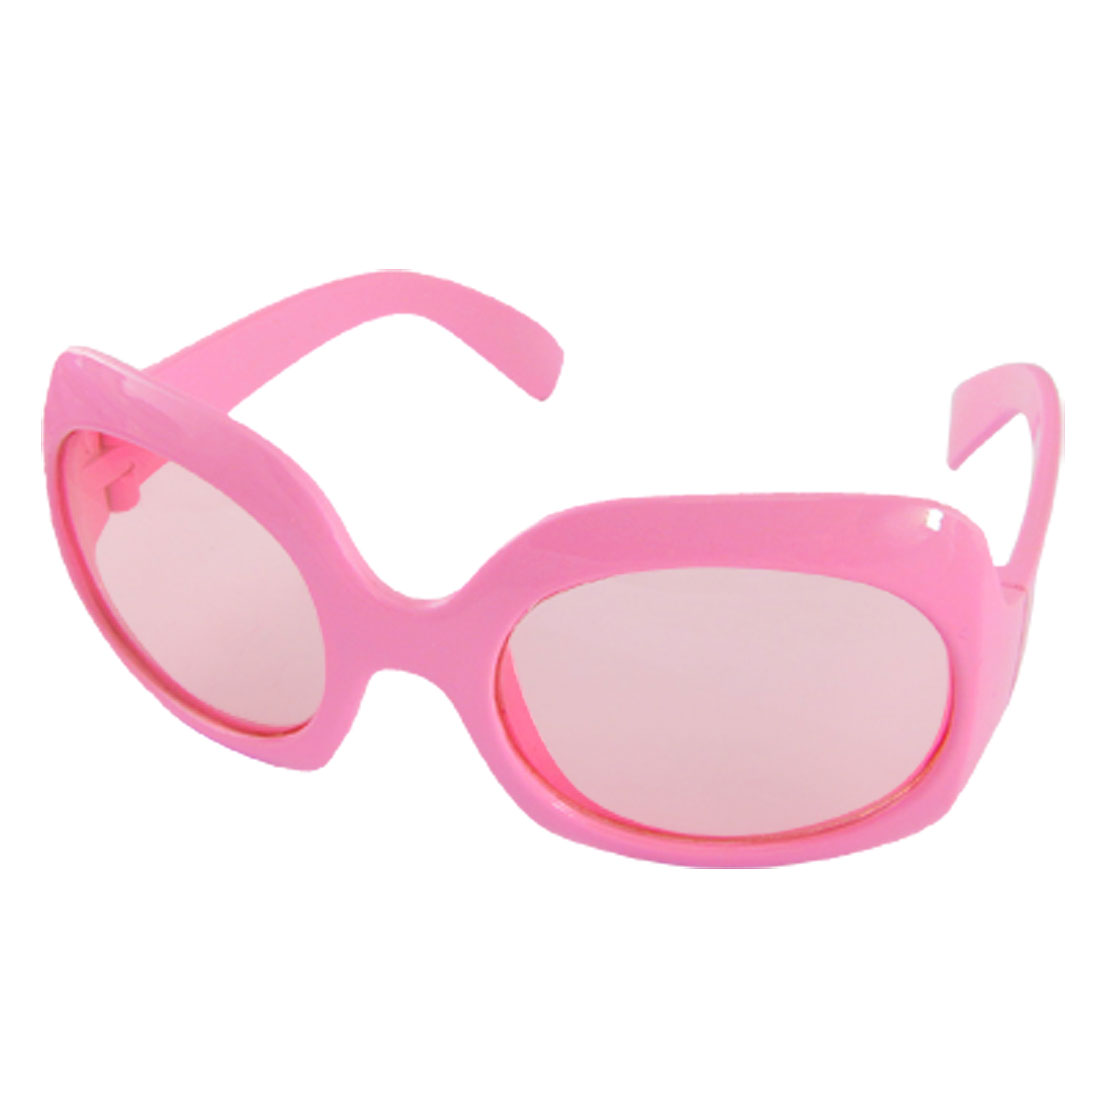 Pink Full Rim Frame Plastic Children Sunglasses for Girls